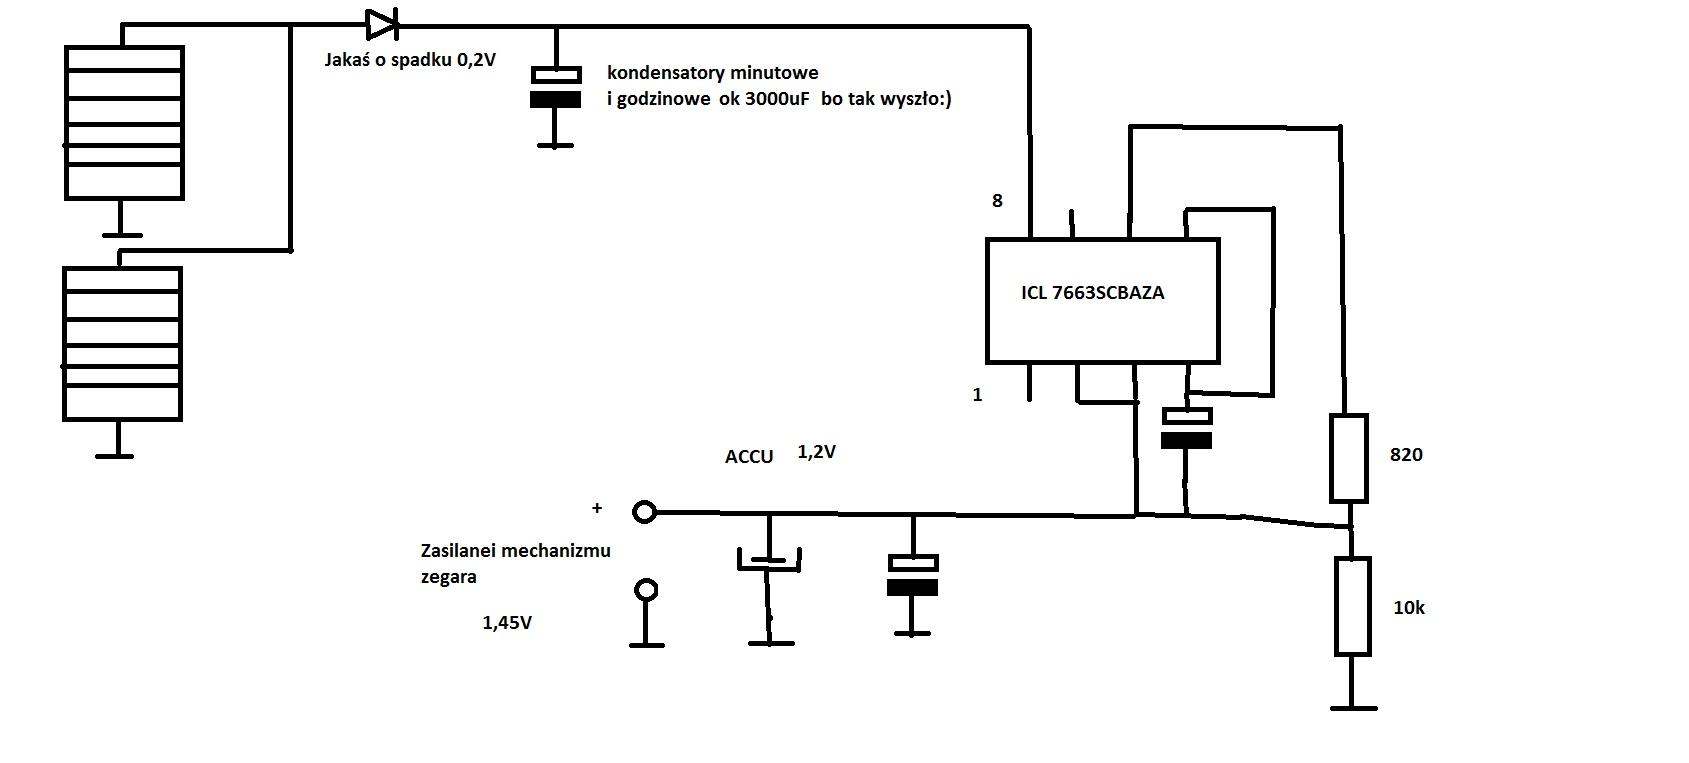 Zegar s�oneczny elektronika